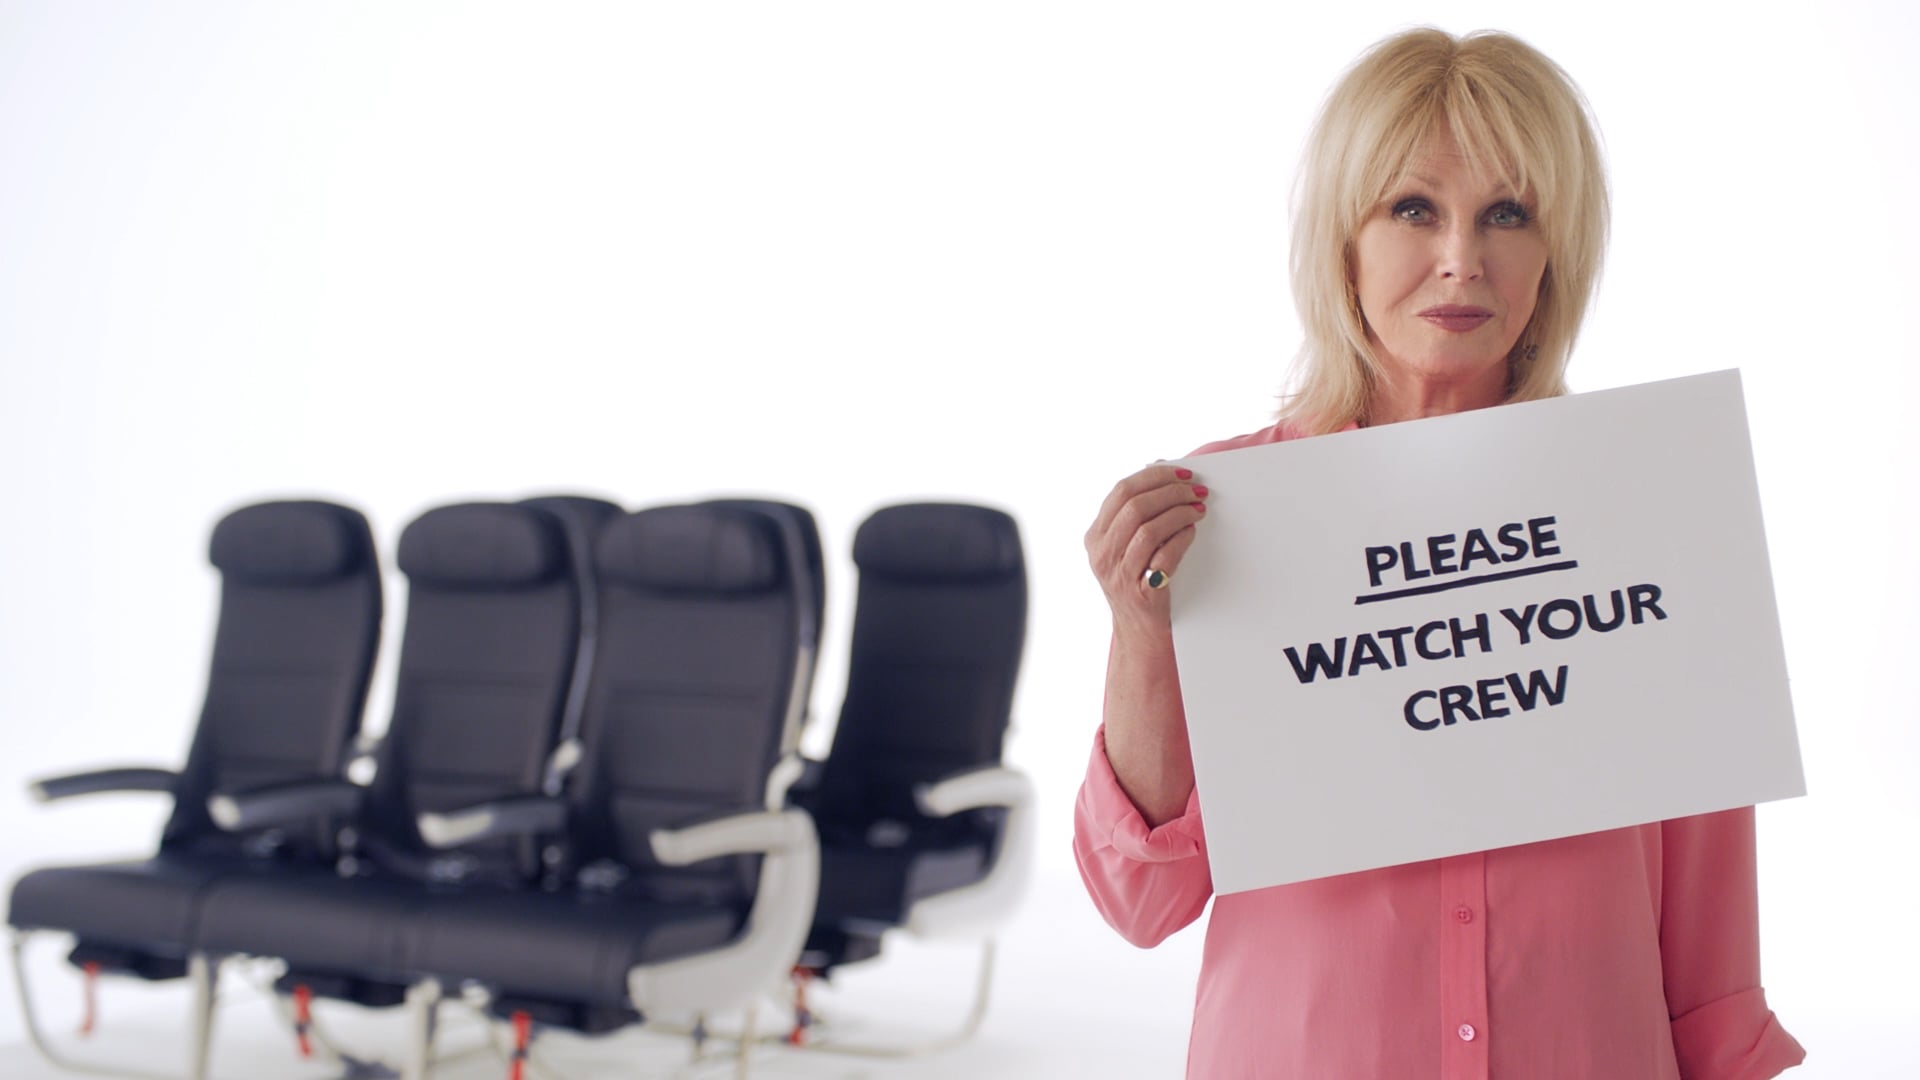 British Airways Comic Relief In-Flight Safety Video